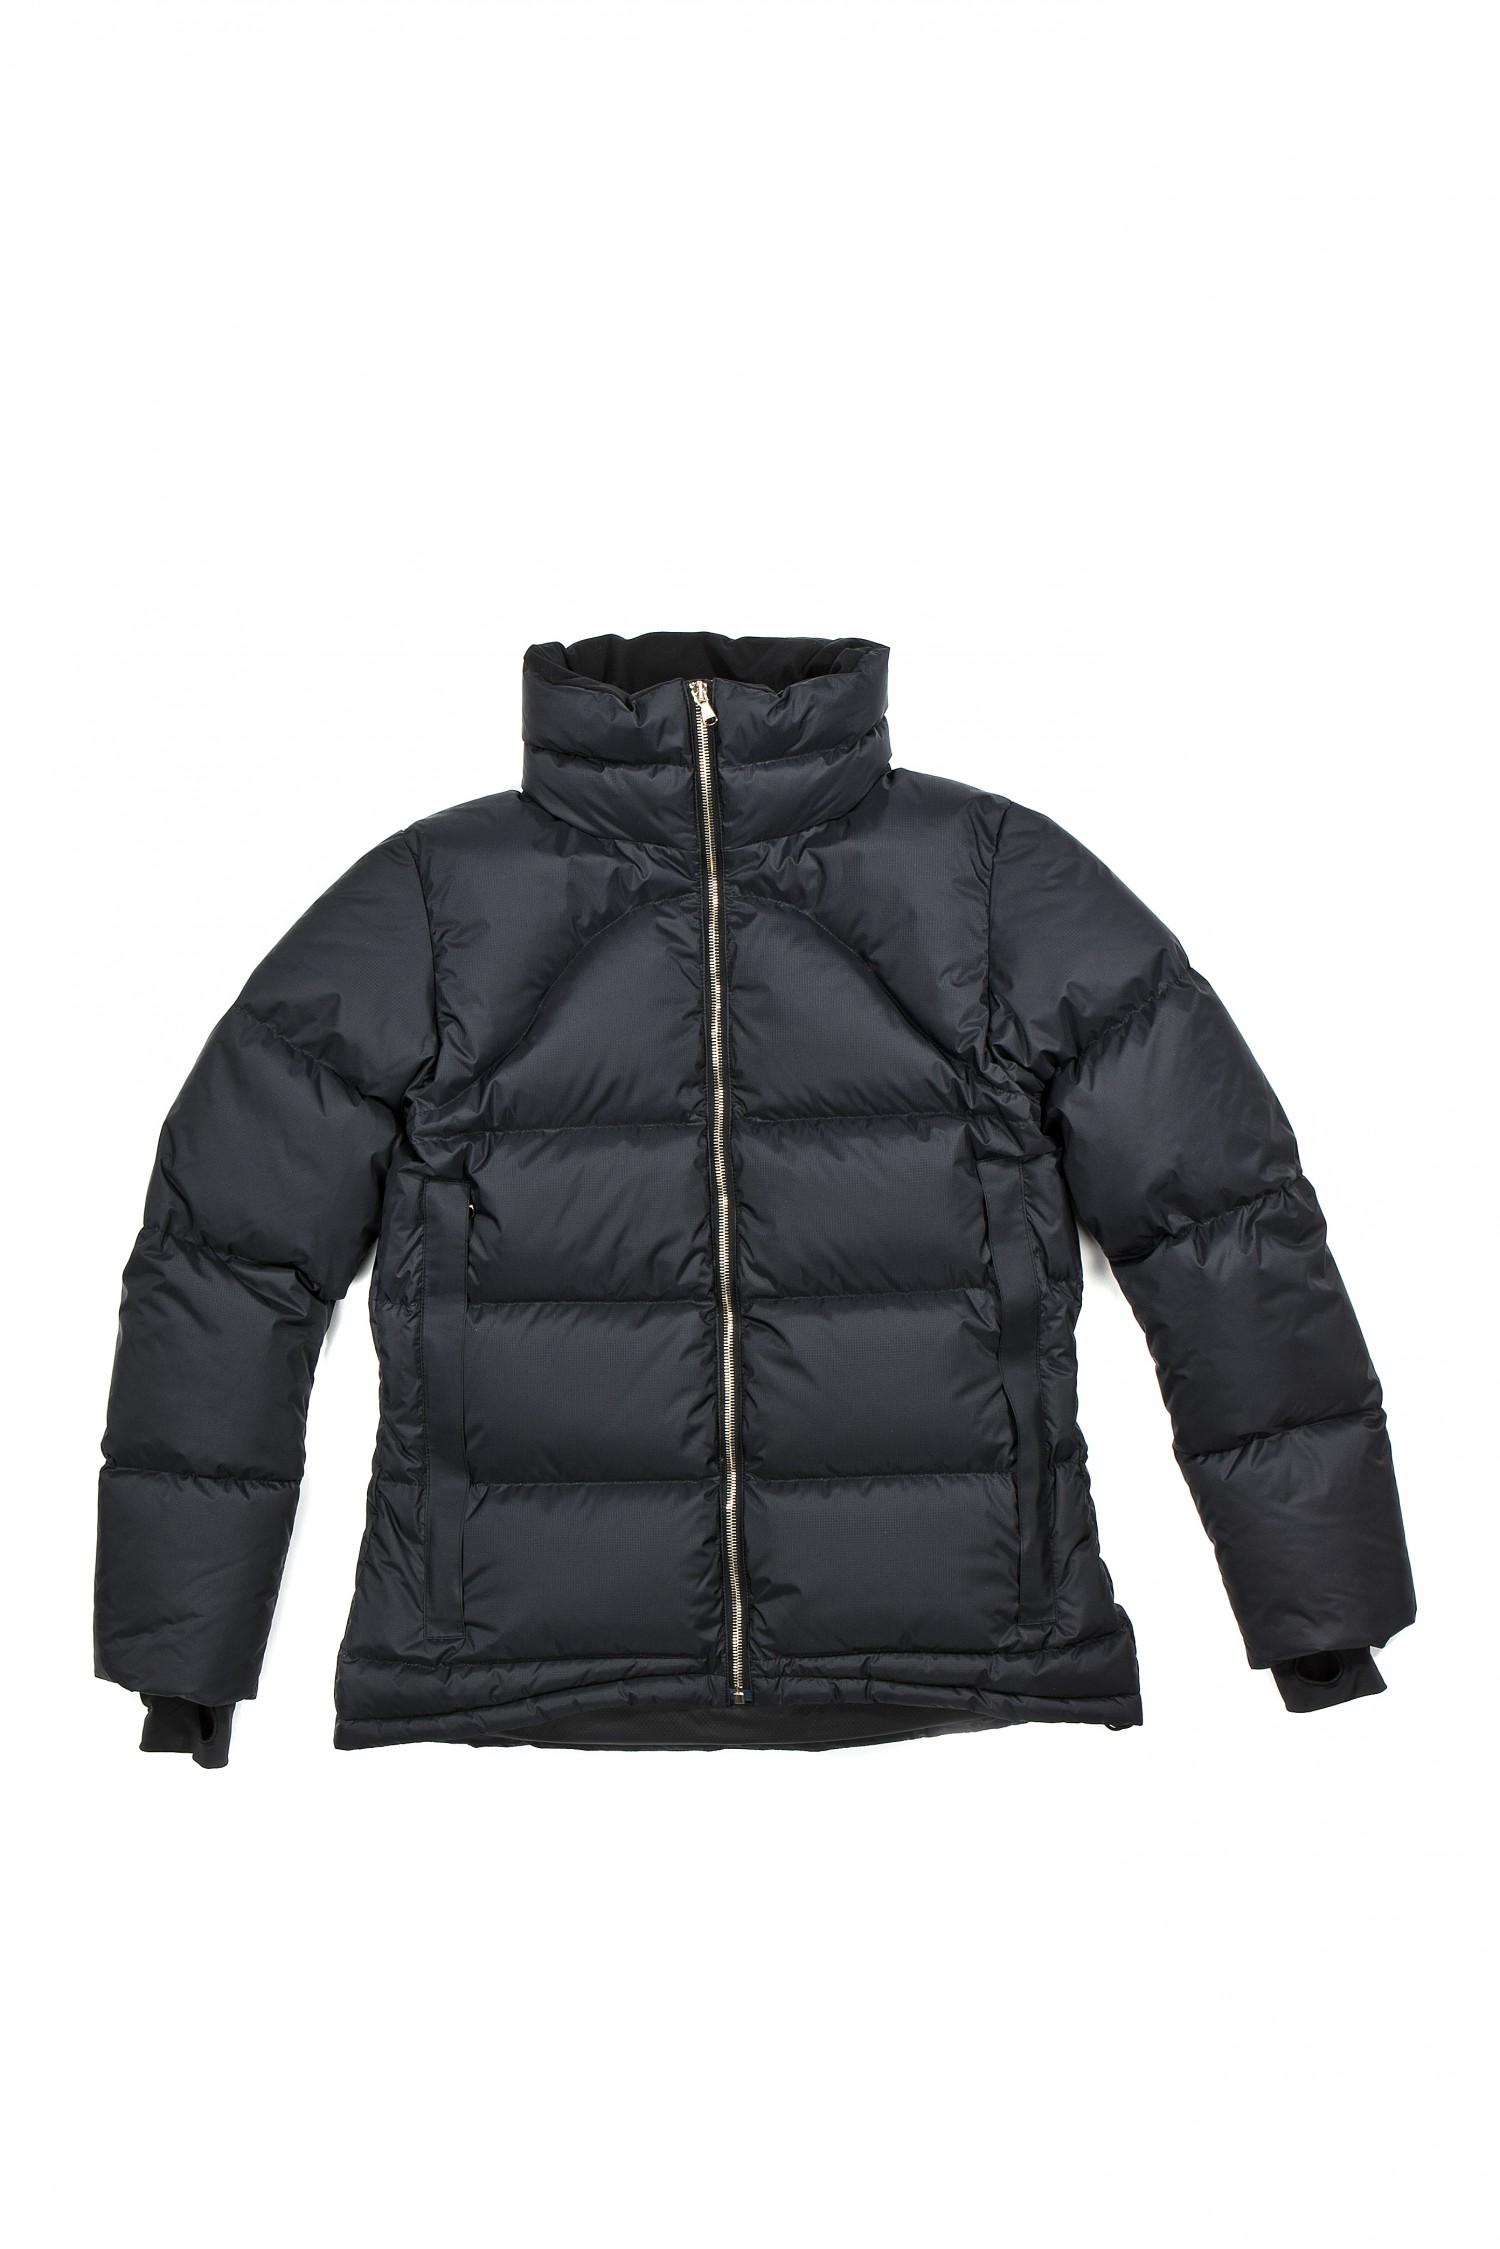 00e008b3 Denne Yves Klein blå jakken med gullfargete glidelåser signaliserer fashion  og sport. Jeg er stor fan av Fleischer Couture og må etter loven markere  dette ...